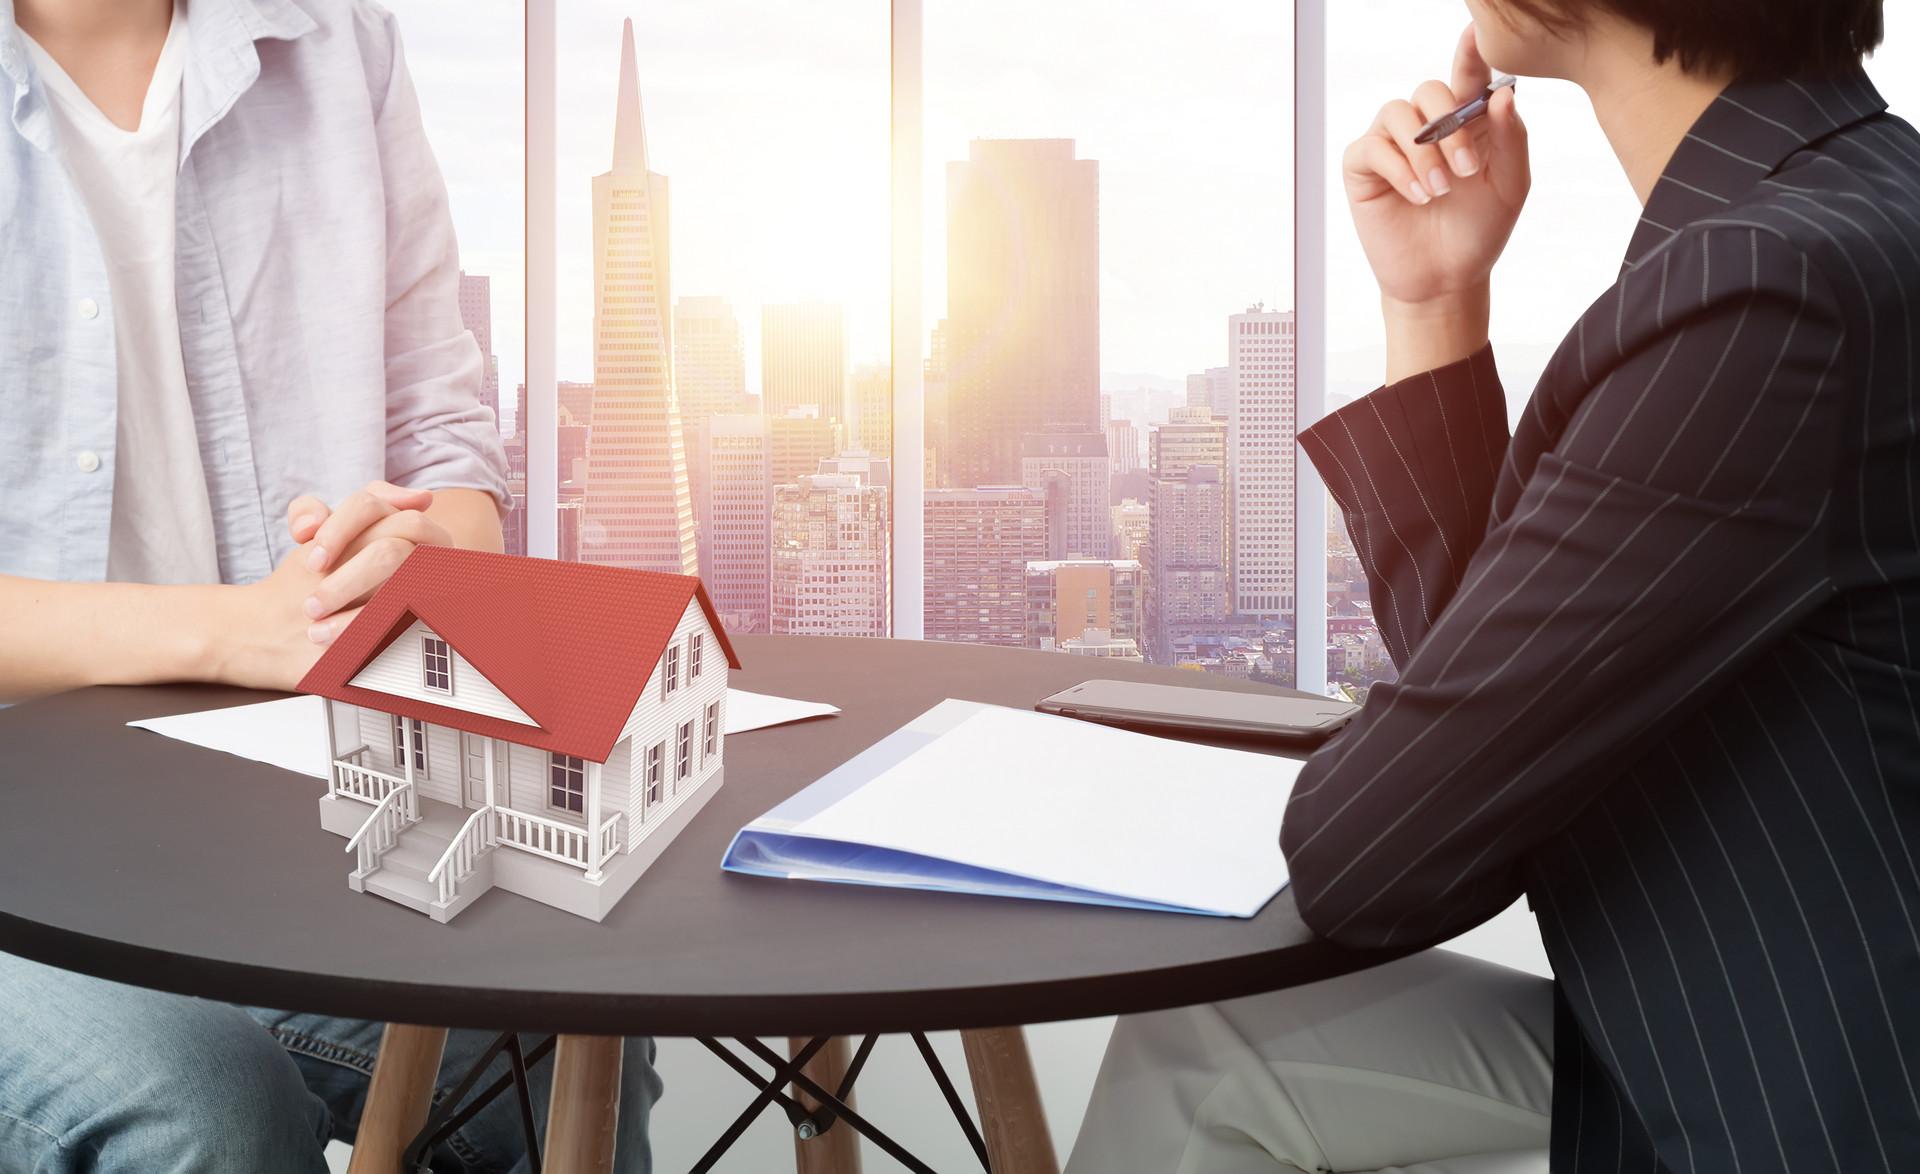 个人住房贷款有几种类型?个人住房贷款还款的方法有哪些?